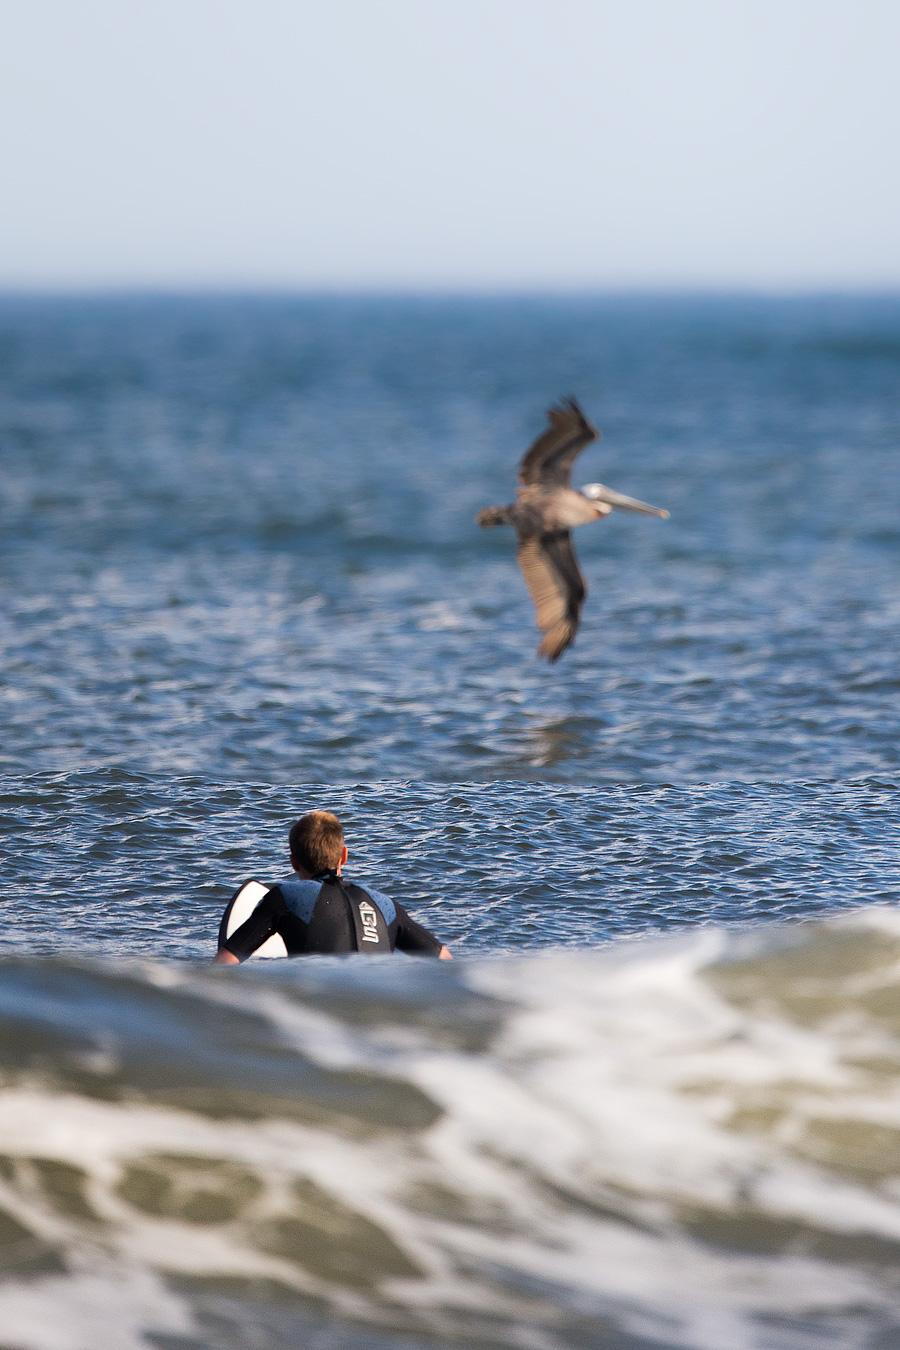 Surflican